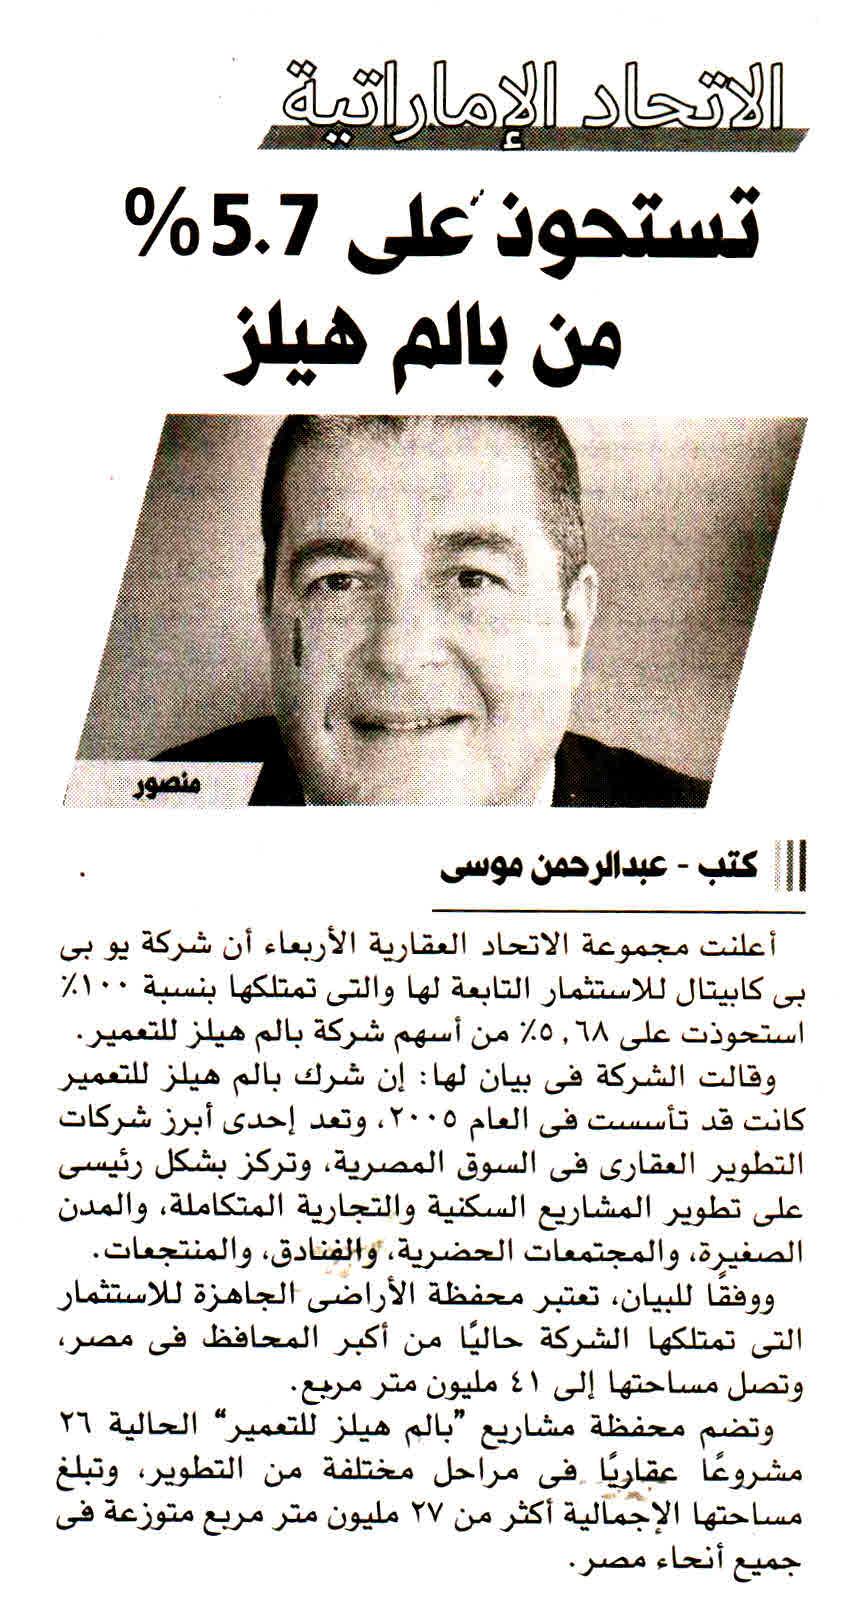 Rosa Al Youssef 11 Jan P.6.jpg